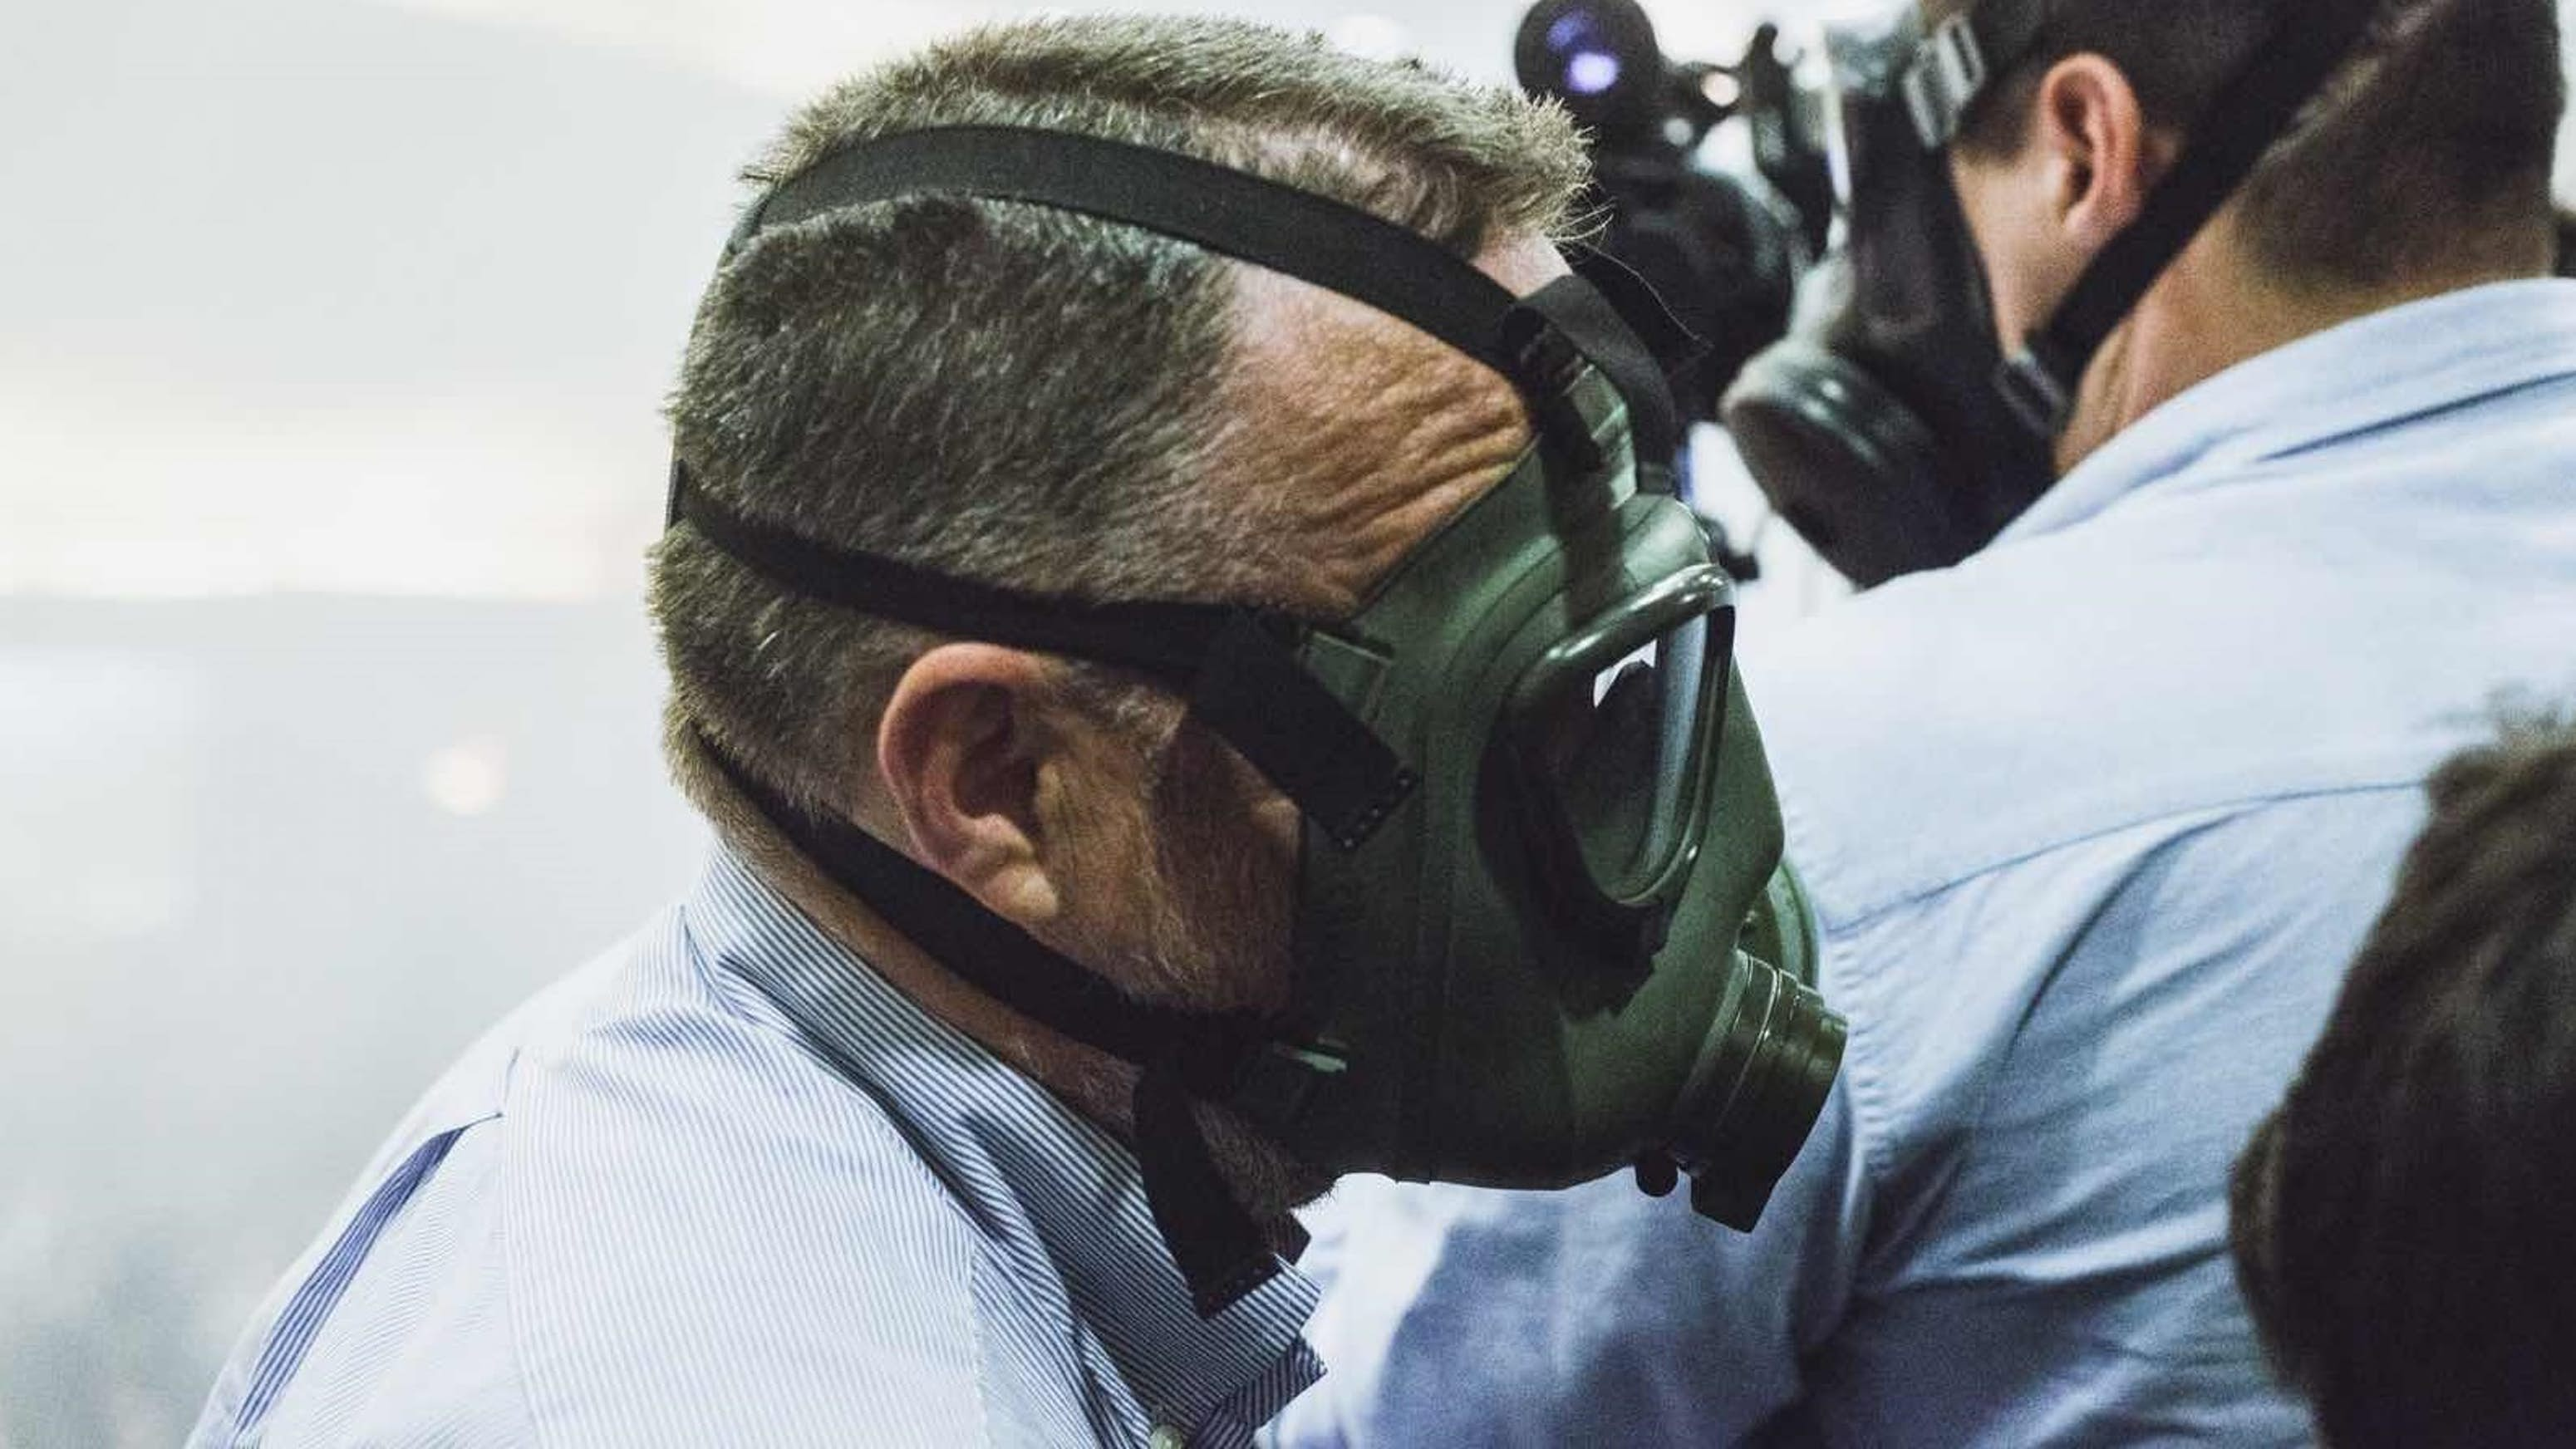 Des masques à gaz au Parlement. Depuis plusieurs mois, l'opposition perturbe les votes à coups de lacrymo. (photo Martin Valentin Fuchs)